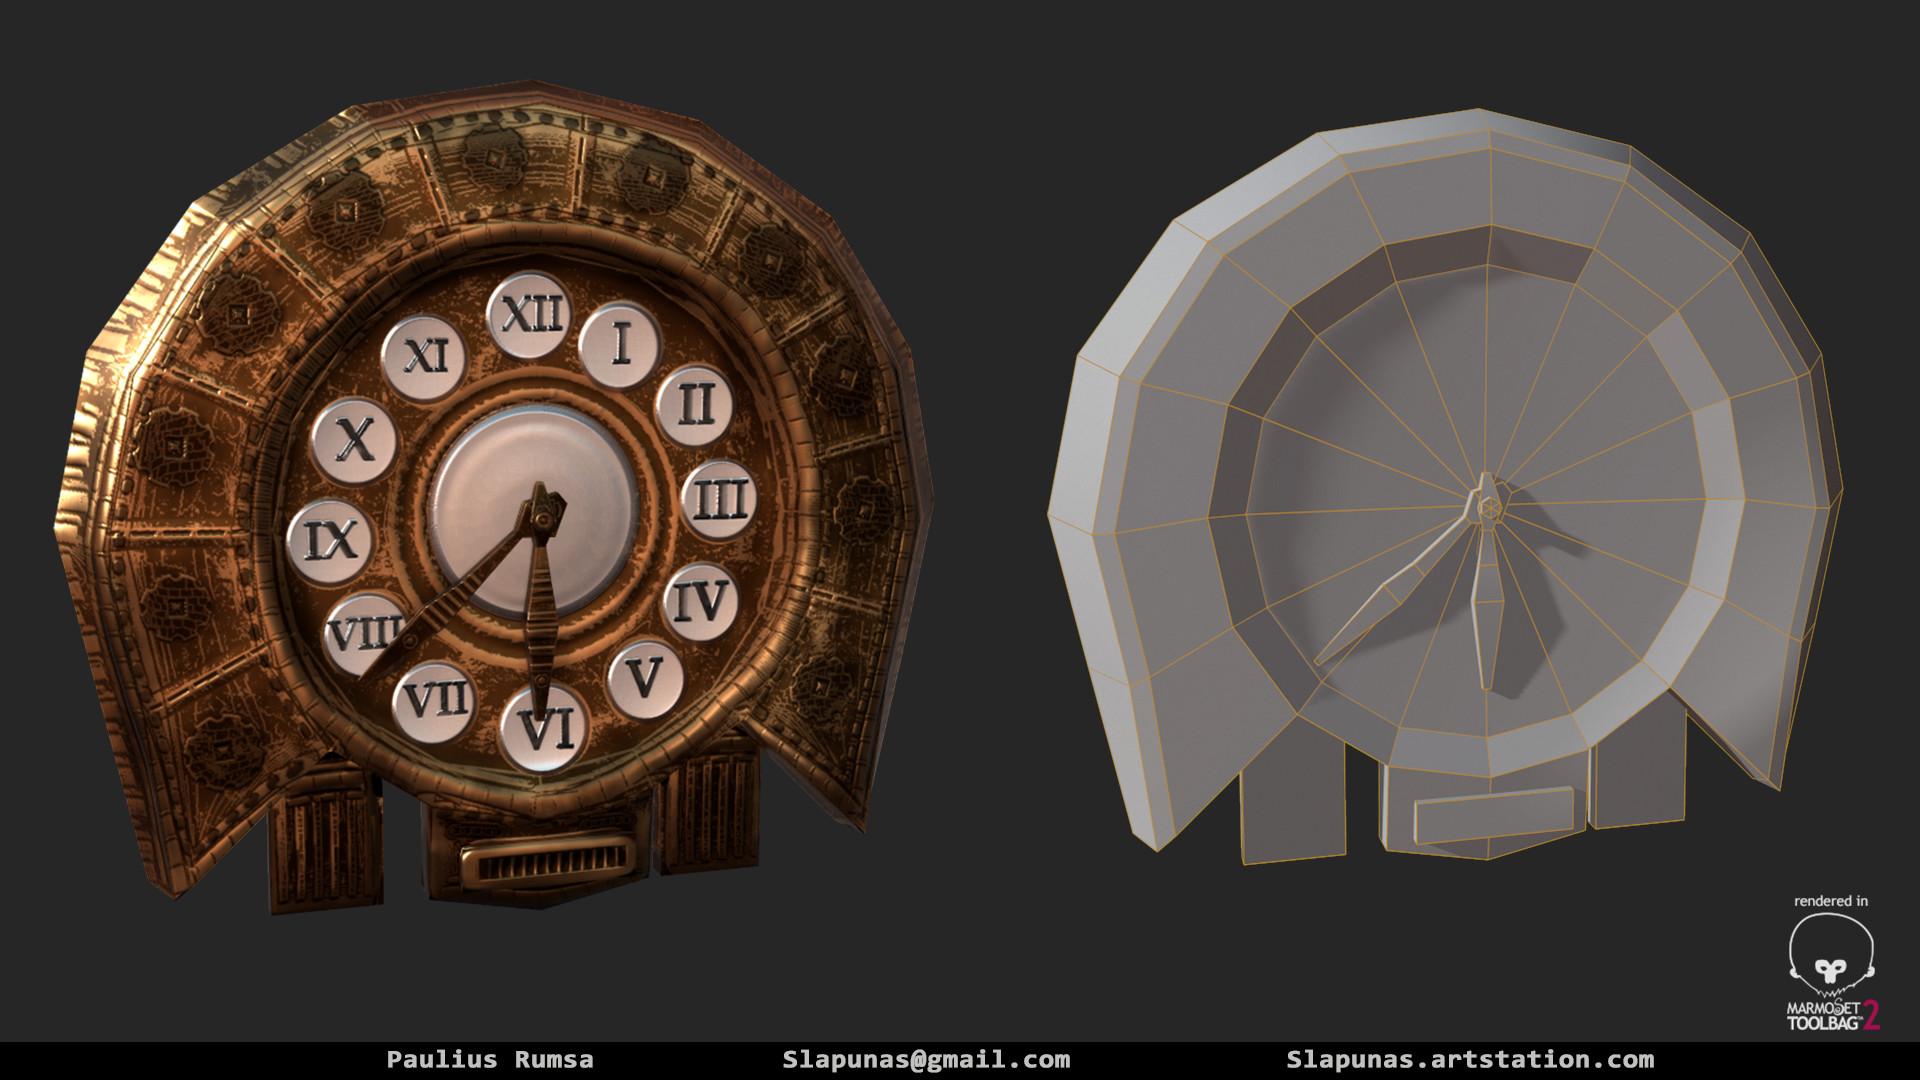 Paulius rumsa wall clock prop